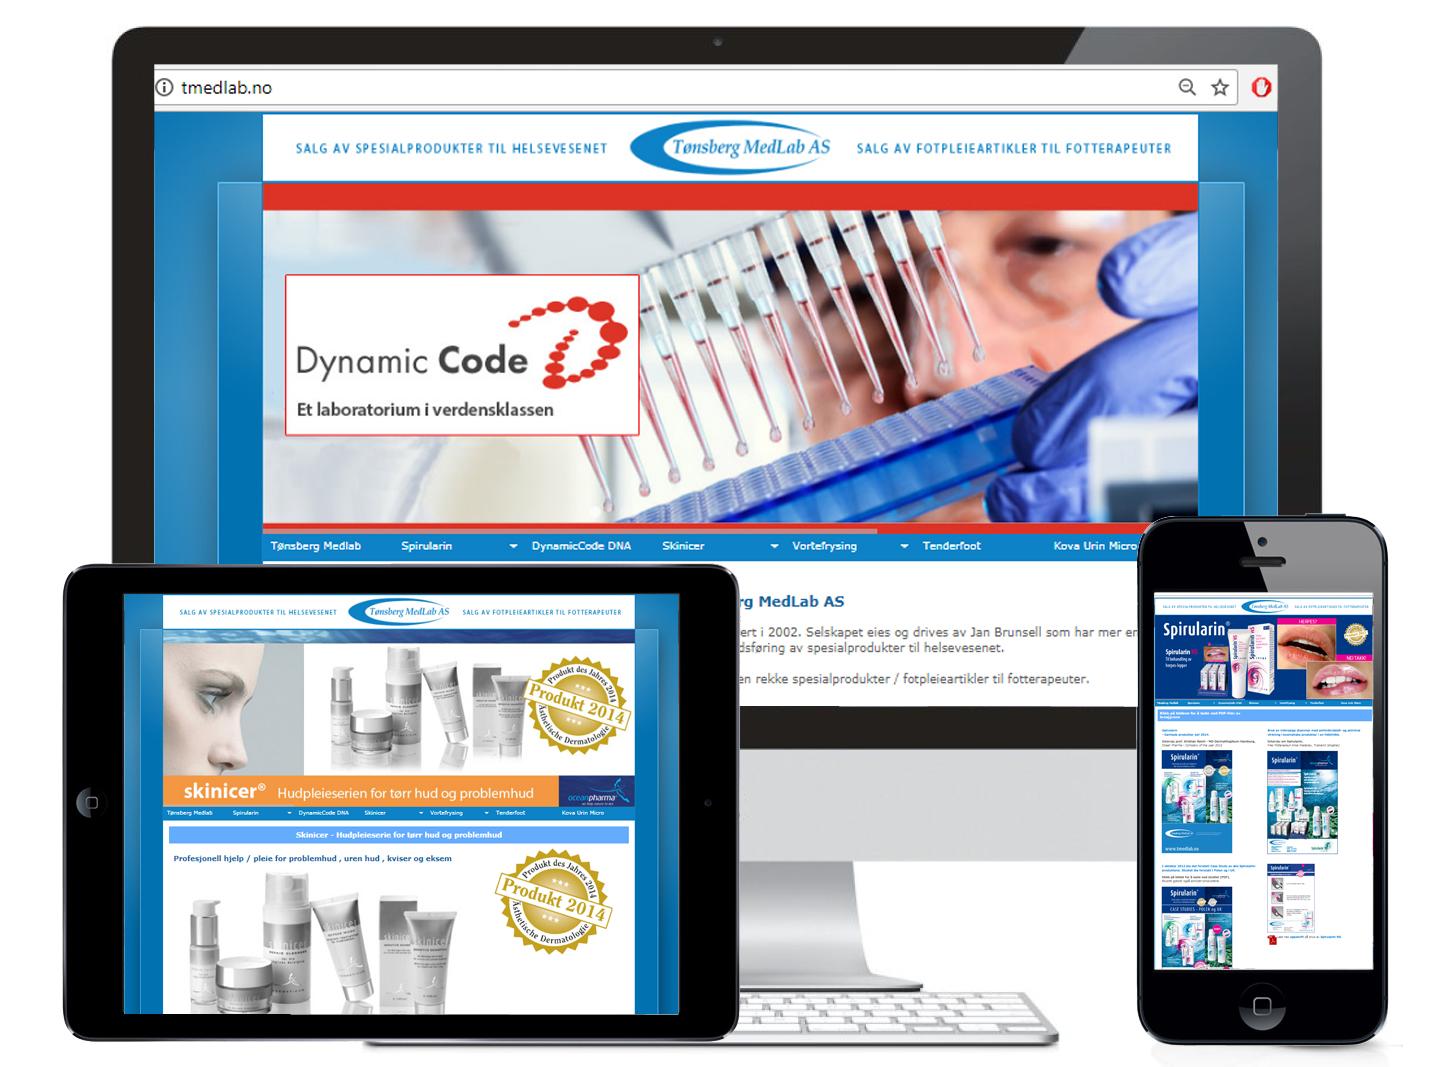 Desktop_tablet_mobile_web01